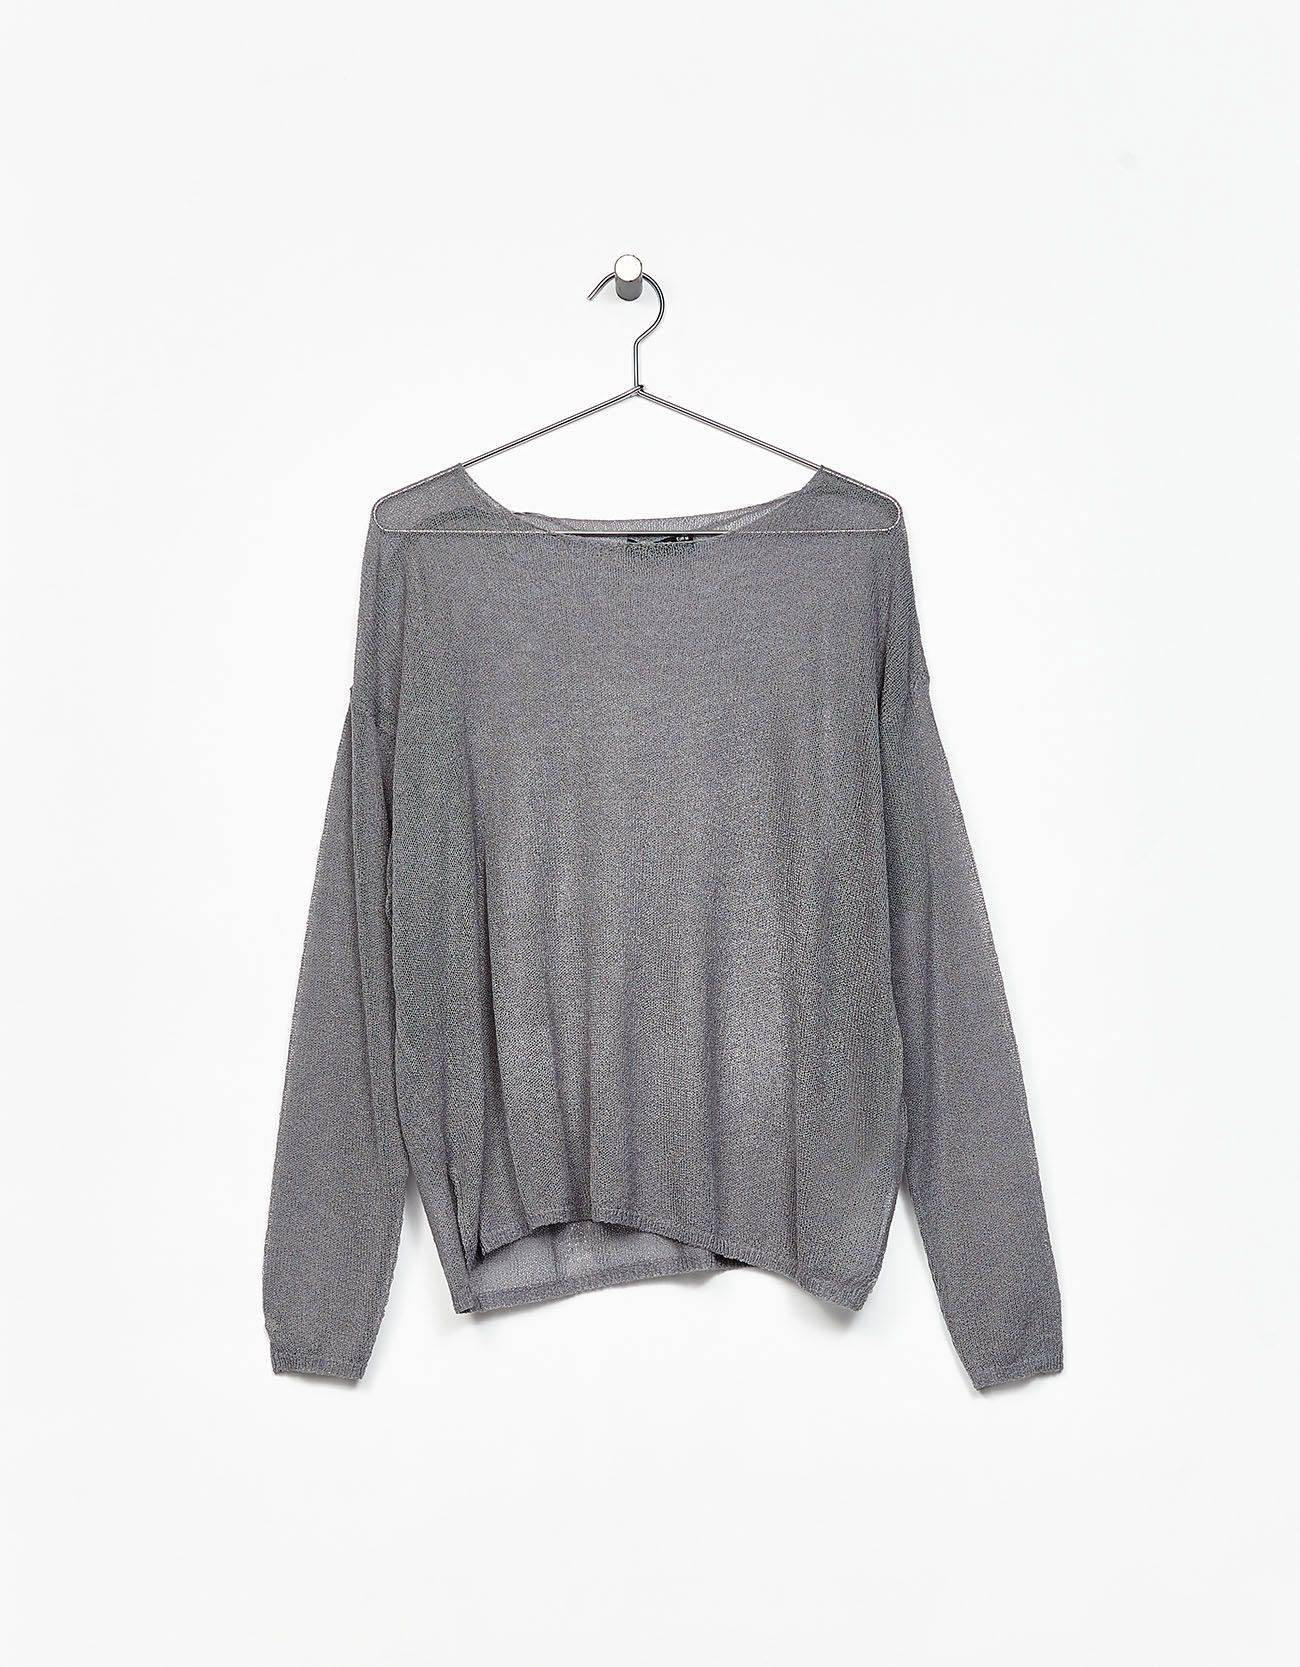 Jersey oversize transparencias. Descubre ésta y muchas otras prendas en Bershka con nuevos productos cada semana